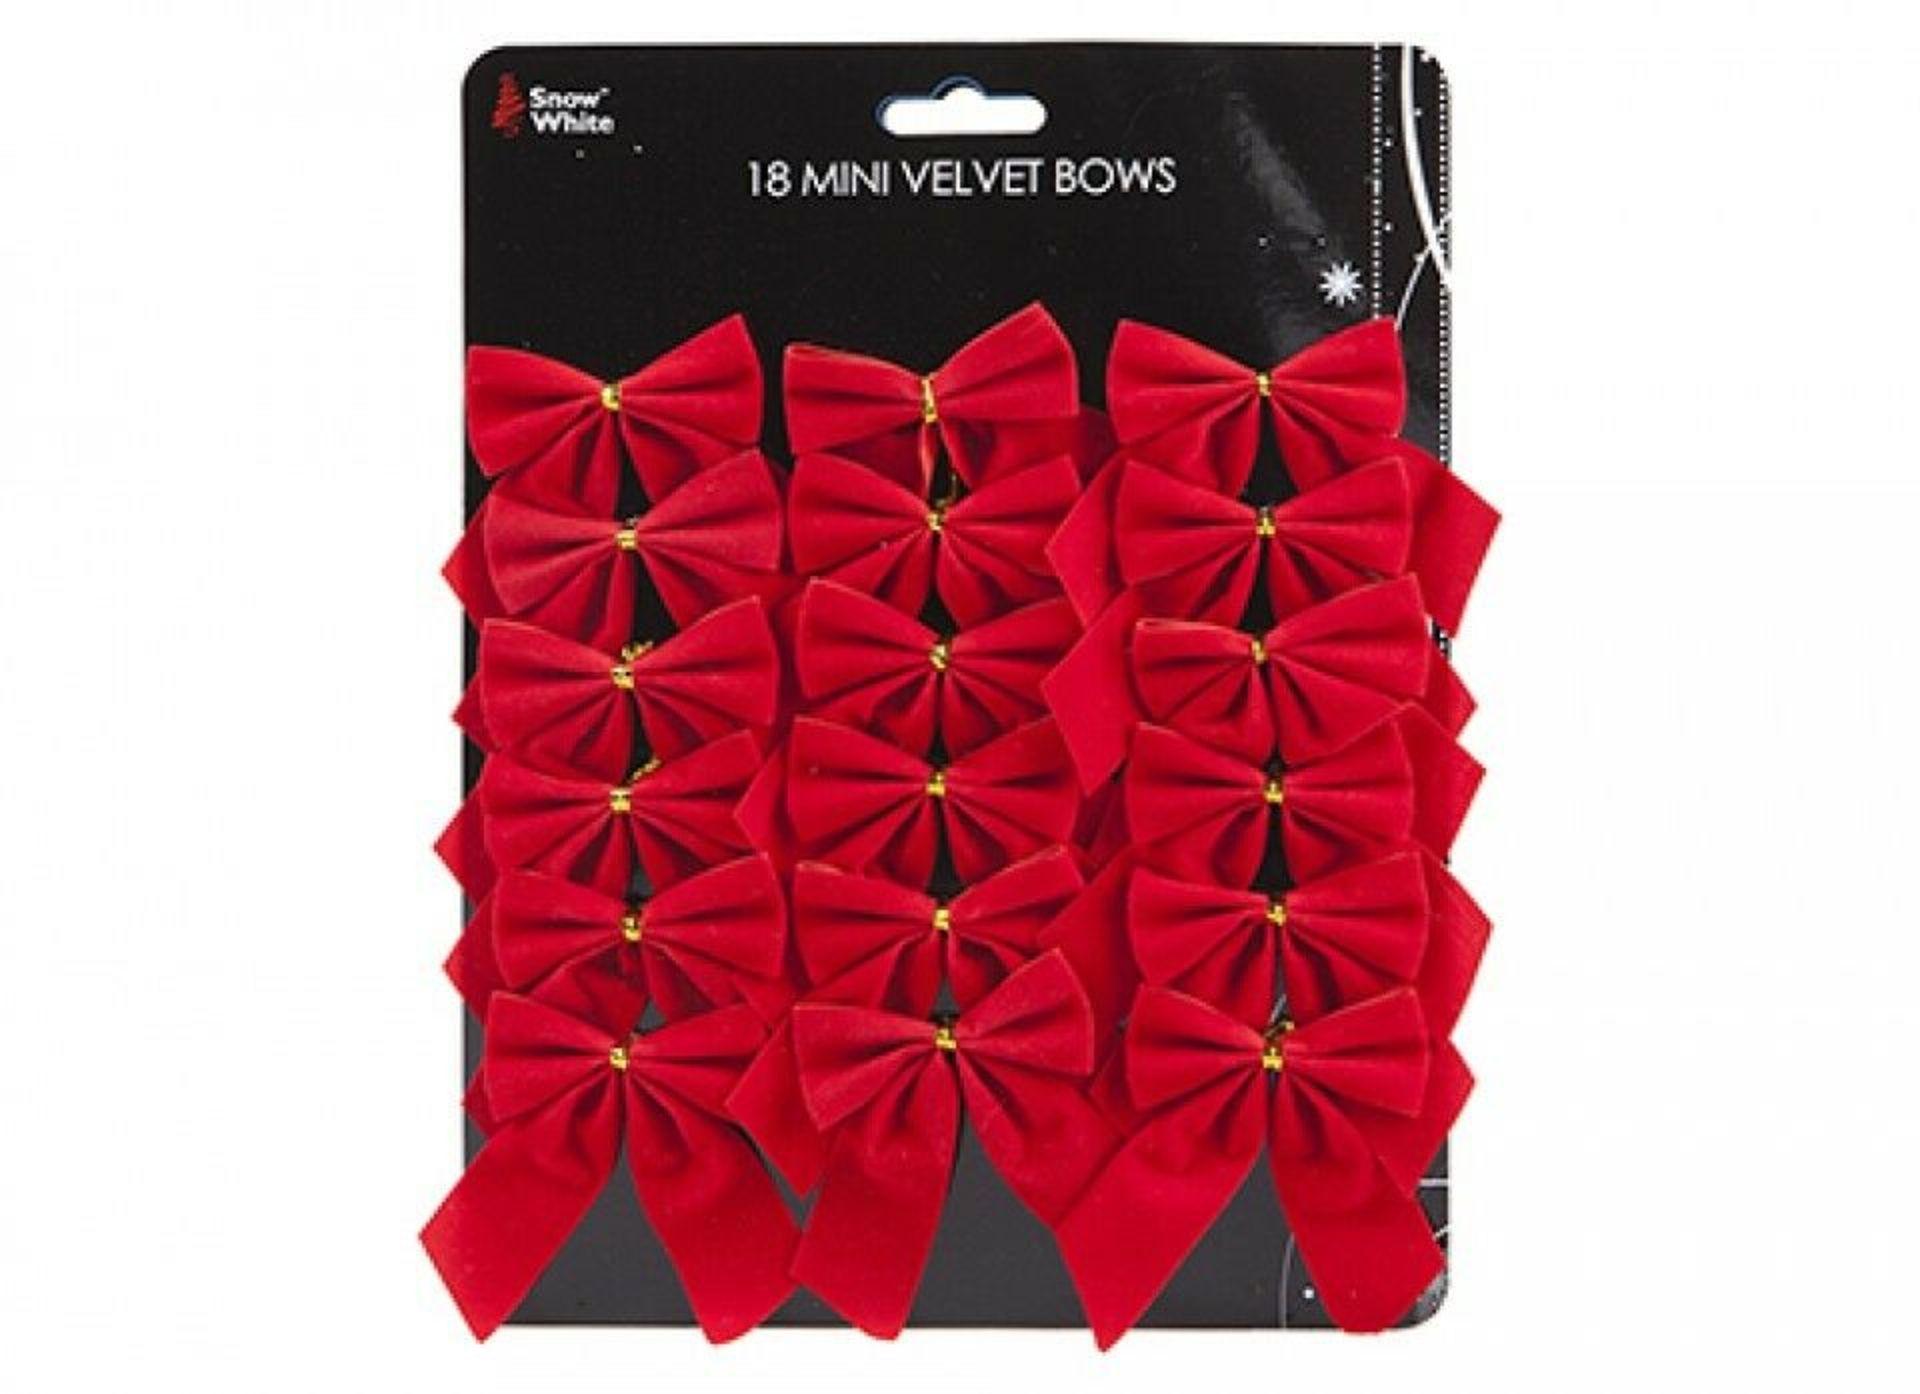 Lot 18146 - V Brand New Three Sets of 18 Mini Red Velvet Bow On Tie